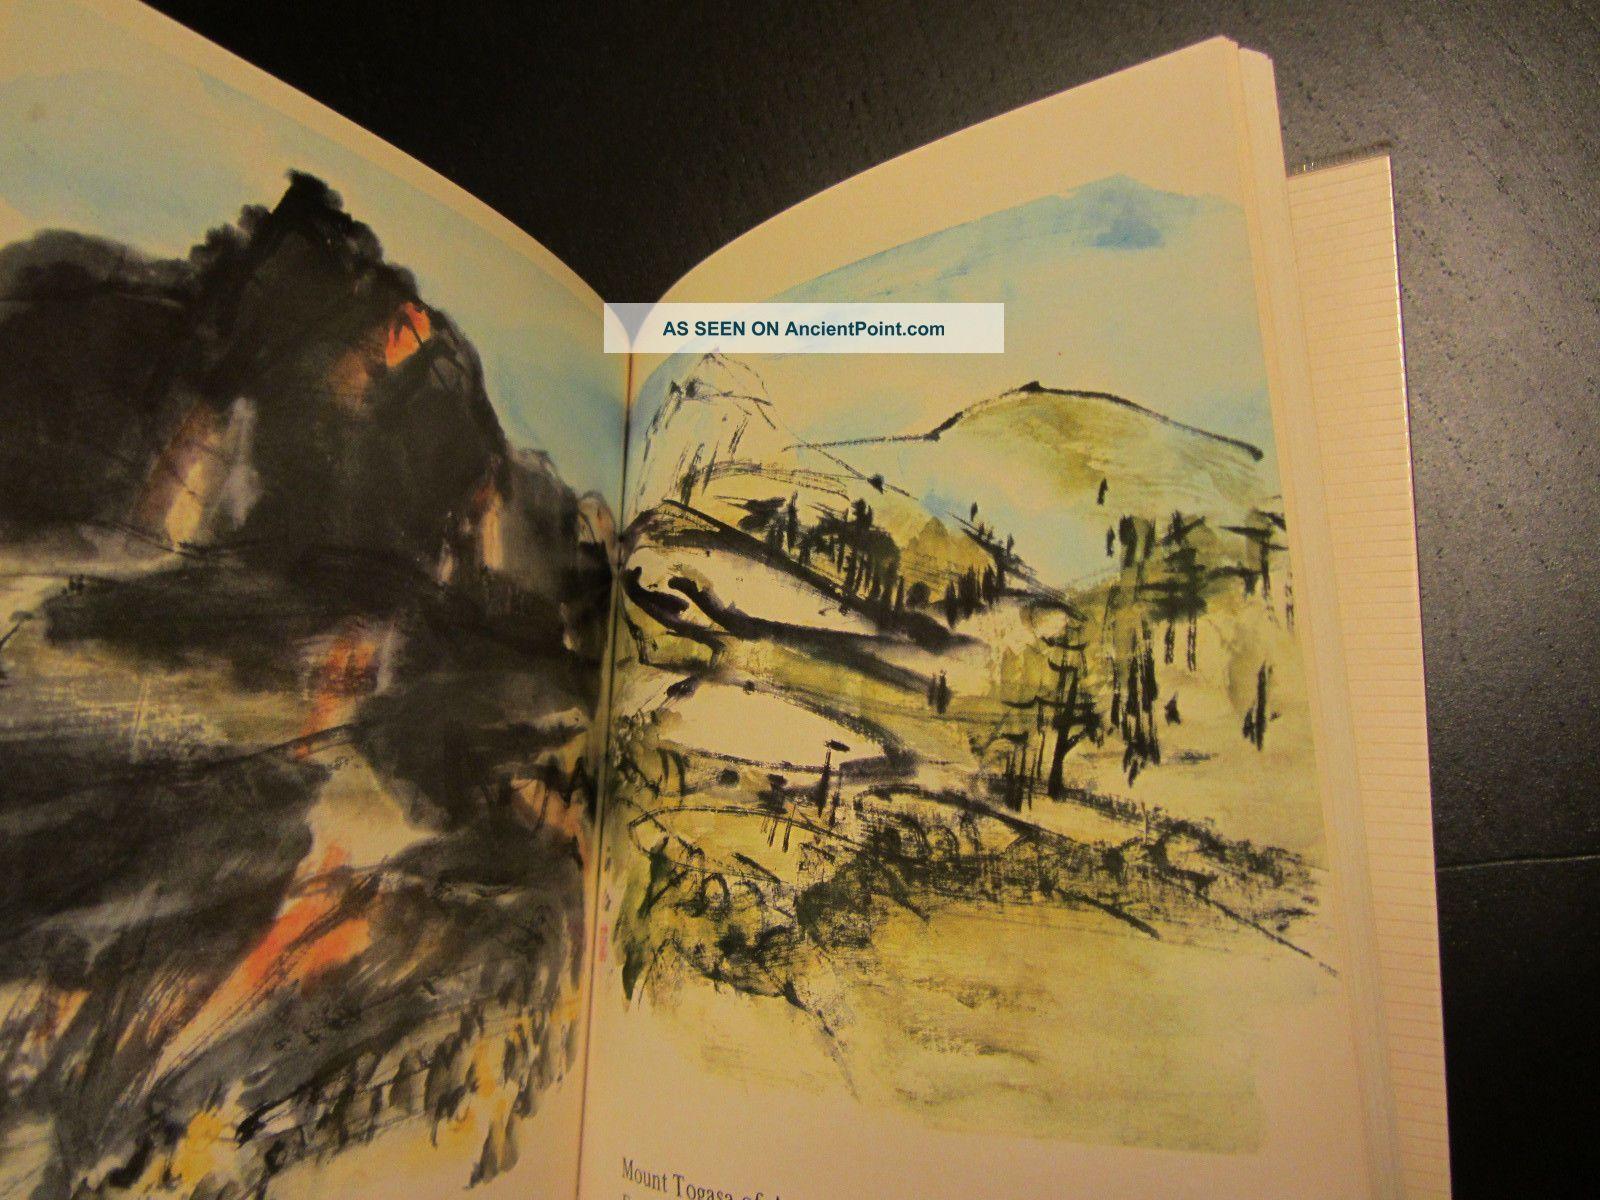 _sumi___e__ukai_uchiyama_japanese_prints___2nd_edition_1971_5_lgw.jpg (1600×1200)Ukai Uchiyama